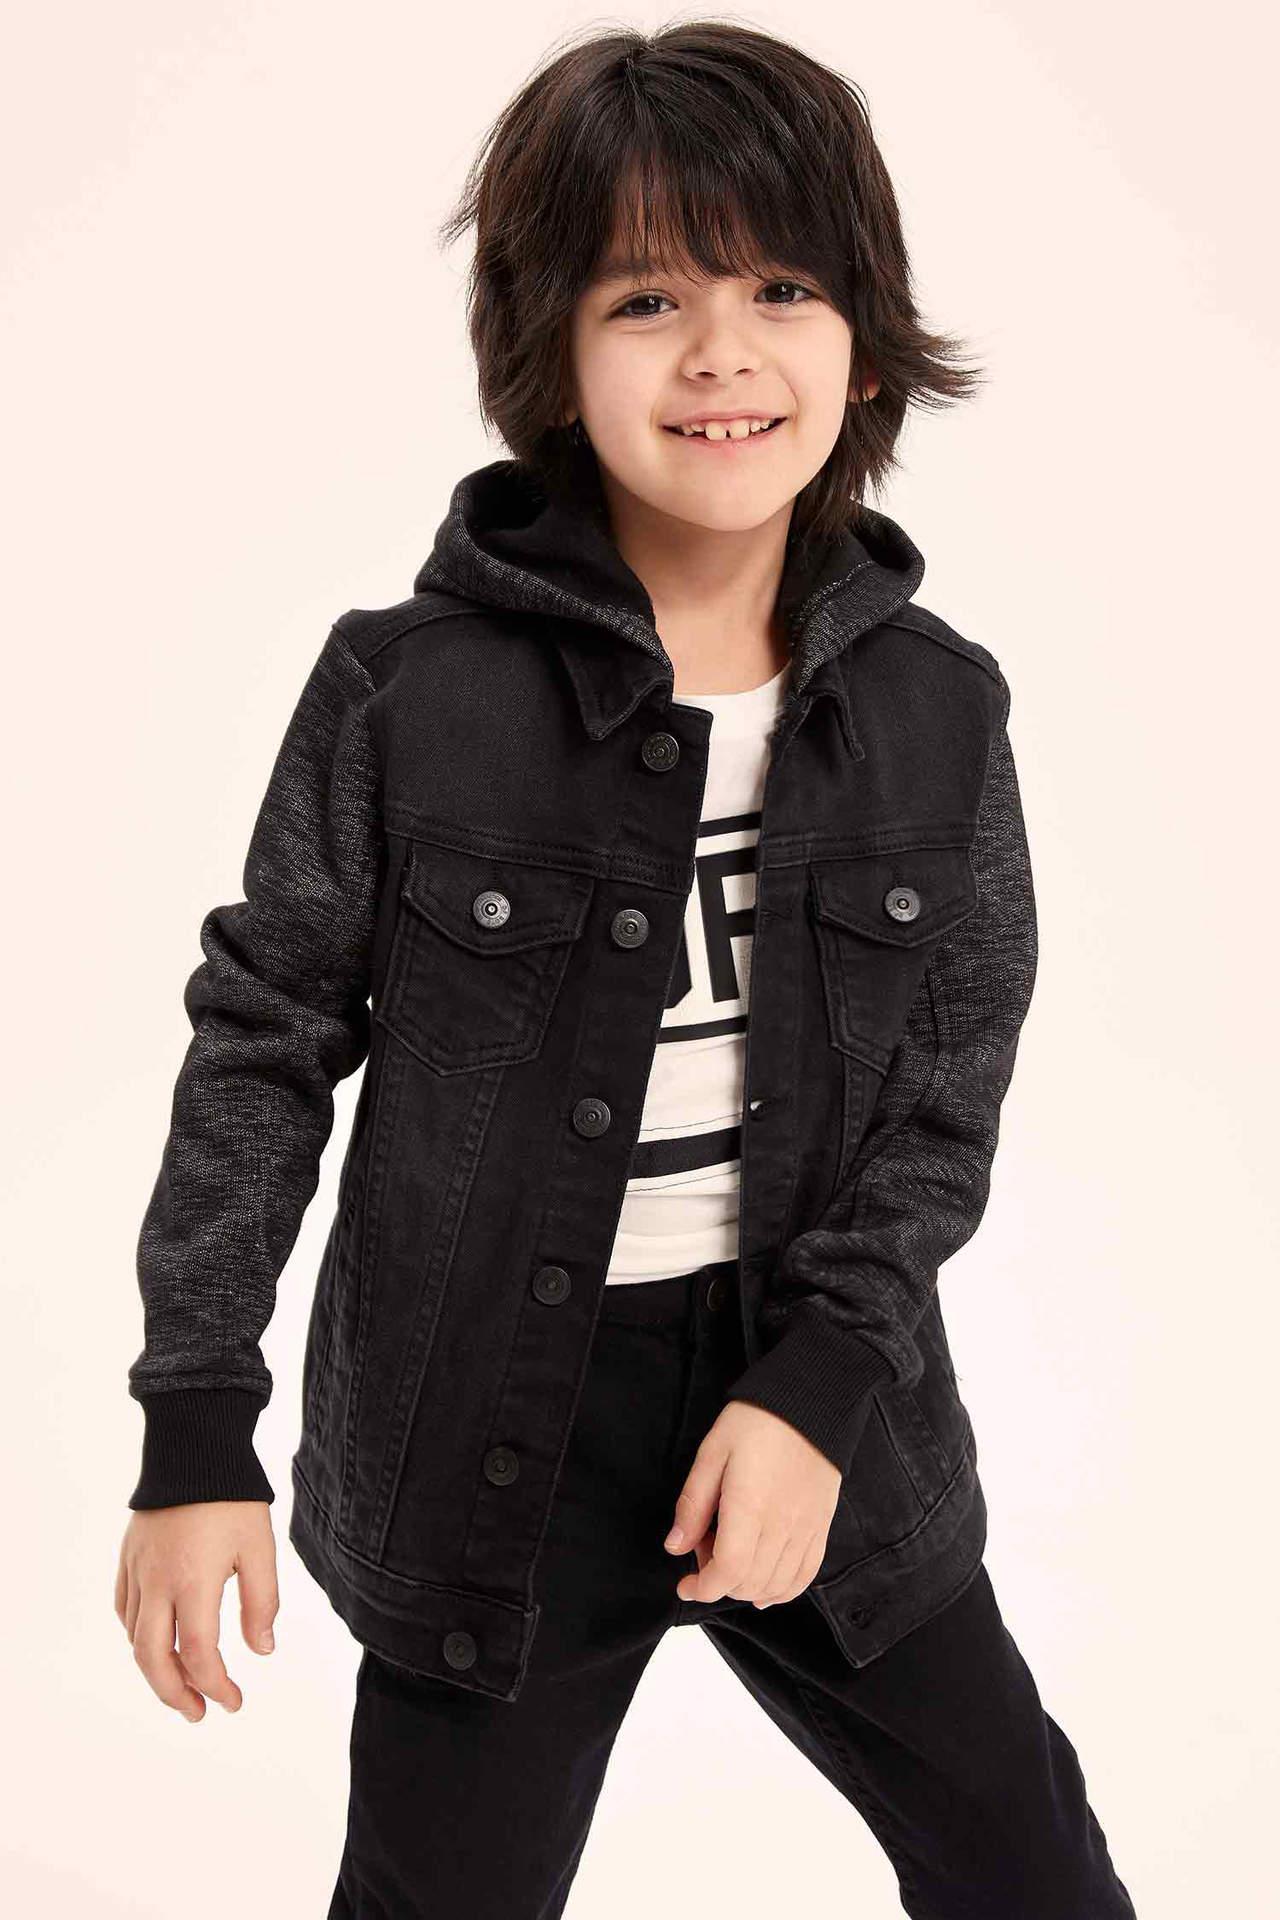 DeFacto Erkek Çocuk Örme Kollu Jean Ceket Siyah male